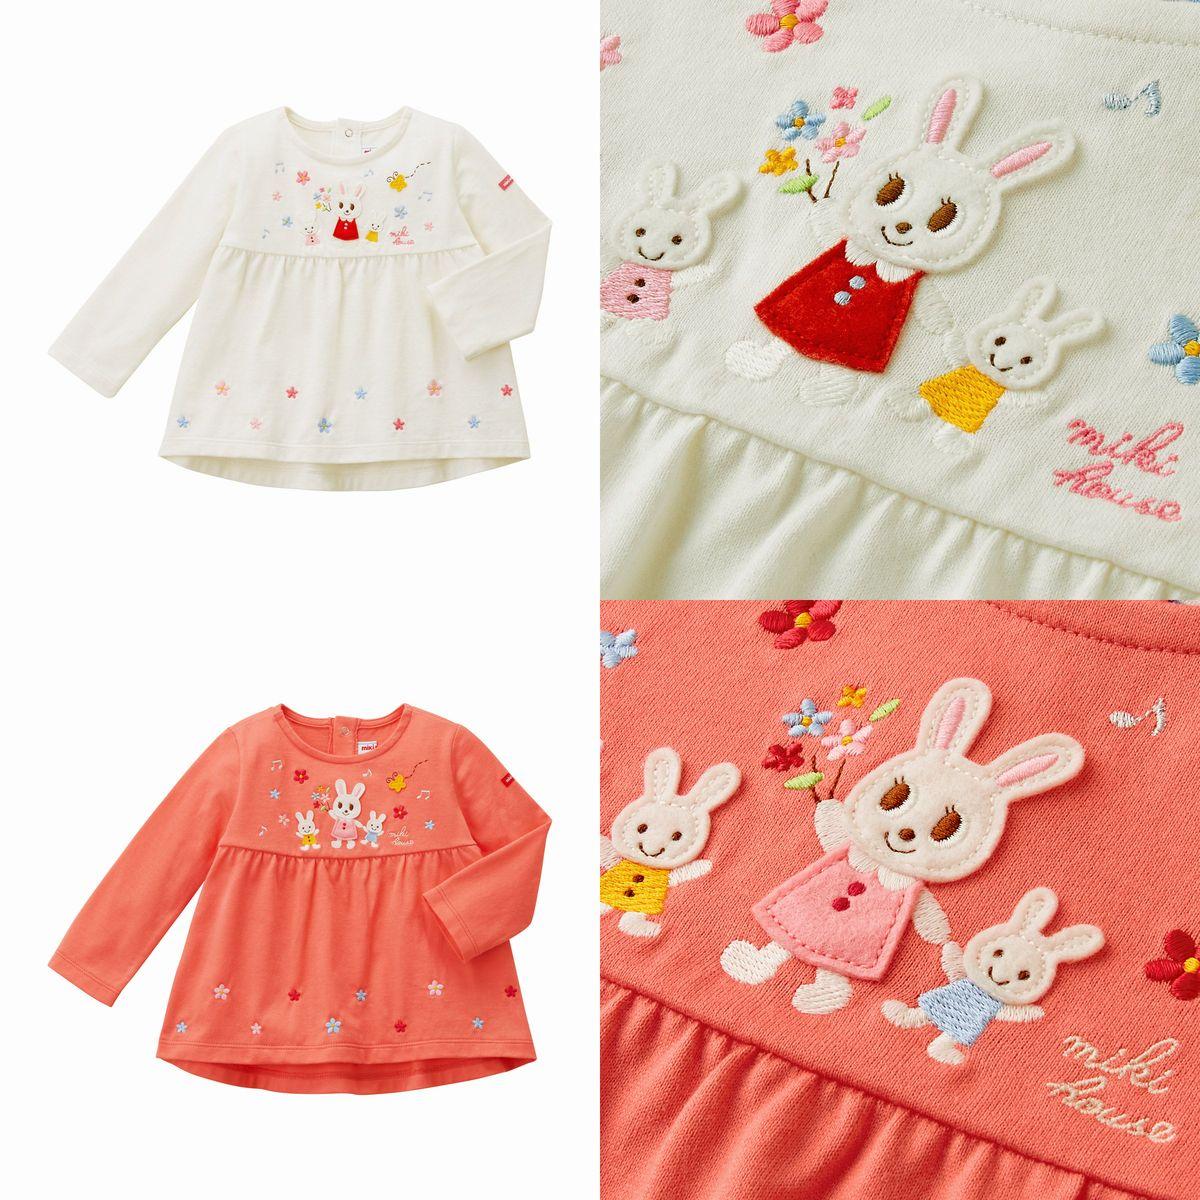 〇 超歓迎された ミキハウス SALE Tシャツ9500 高級 3 980円以上で送料無料 国内